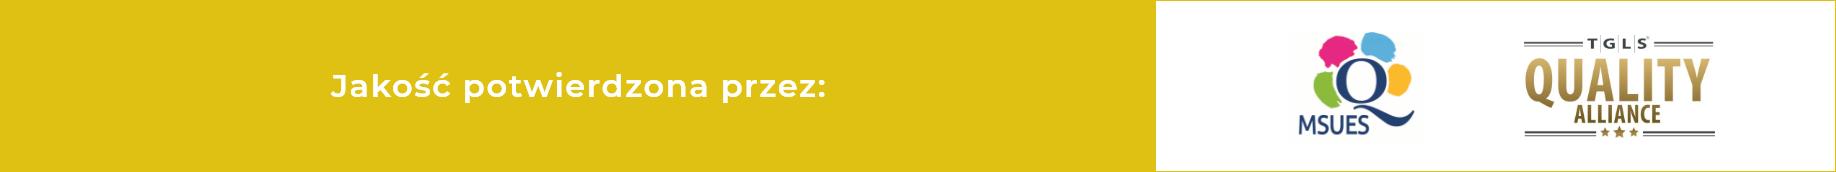 logo znaków jakości, MSUES, litera Q otoczona kolorowymi plamkami, TGLS - niebiesko złoty napis TGLS QUALITY ALLIANCE